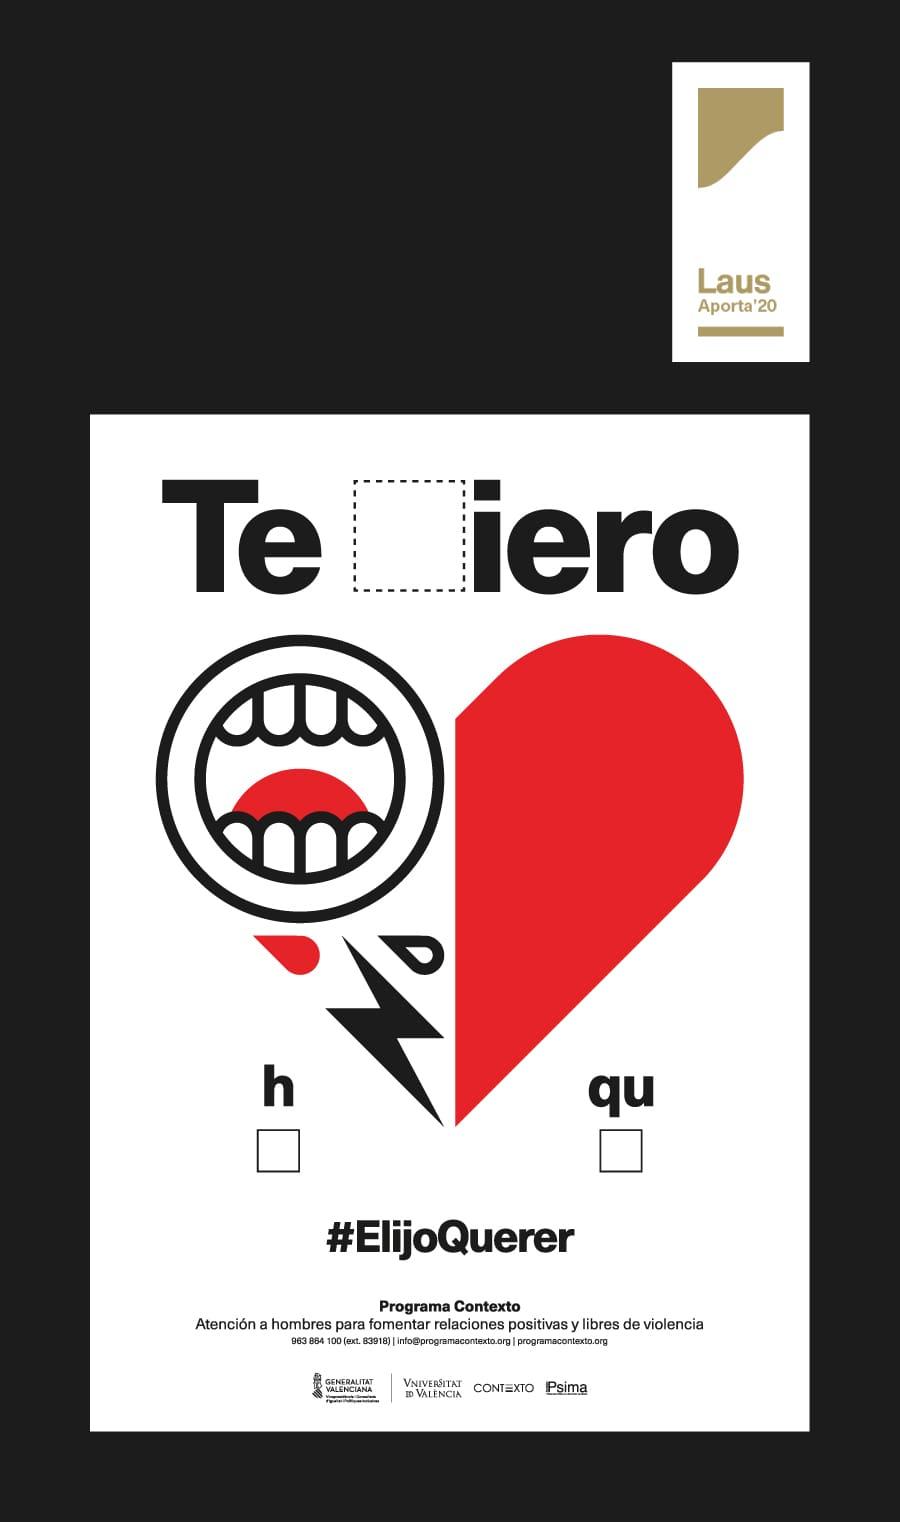 Imagen #ELIJOQUERER #TRIESTIMAR galardonada en los prestigiosos premios Laus del diseño